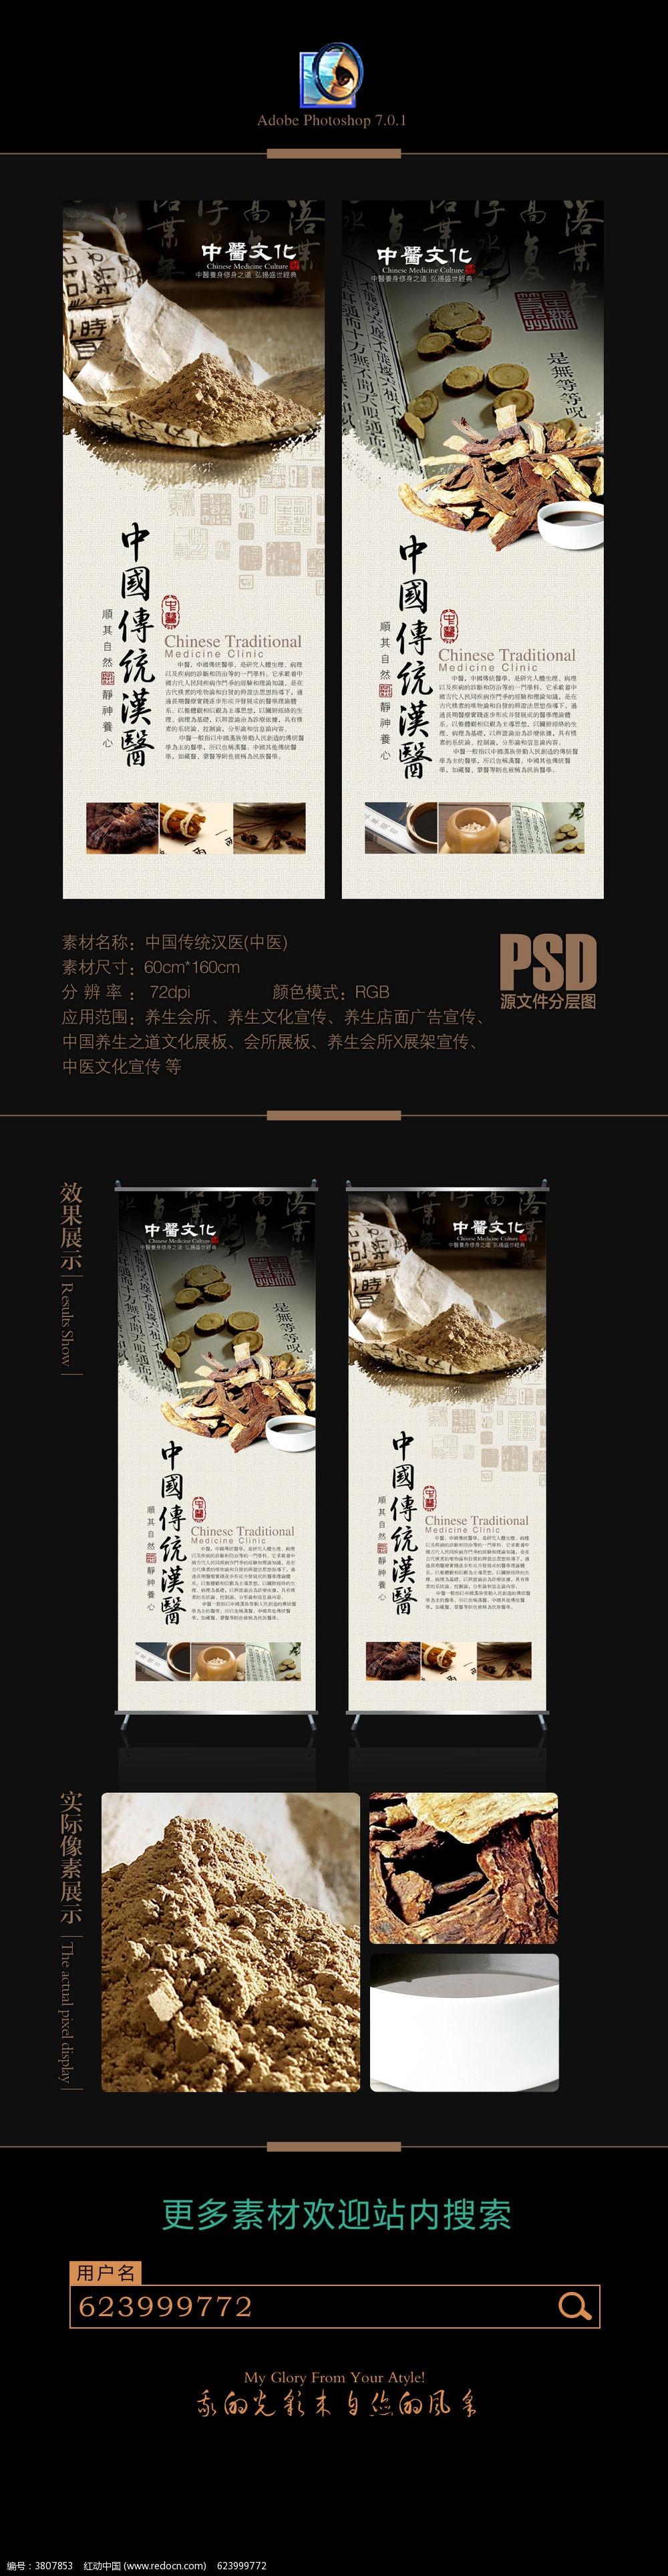 海报设计/宣传单/广告牌 x展架|易拉宝背景 中国中医文化x展架设计